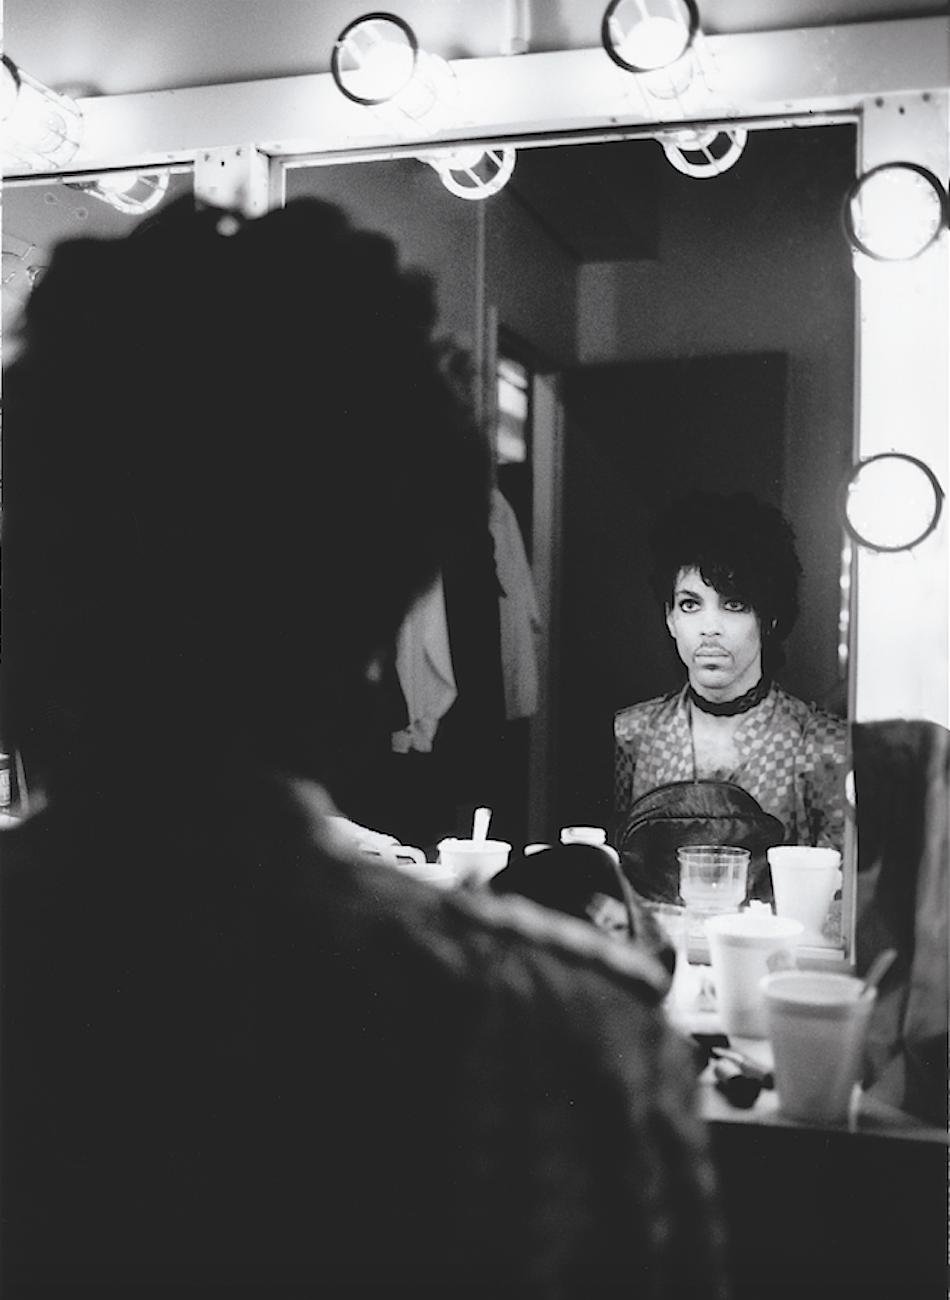 Prince nel 1983: «La perfezione è dentro ognuno di noi»